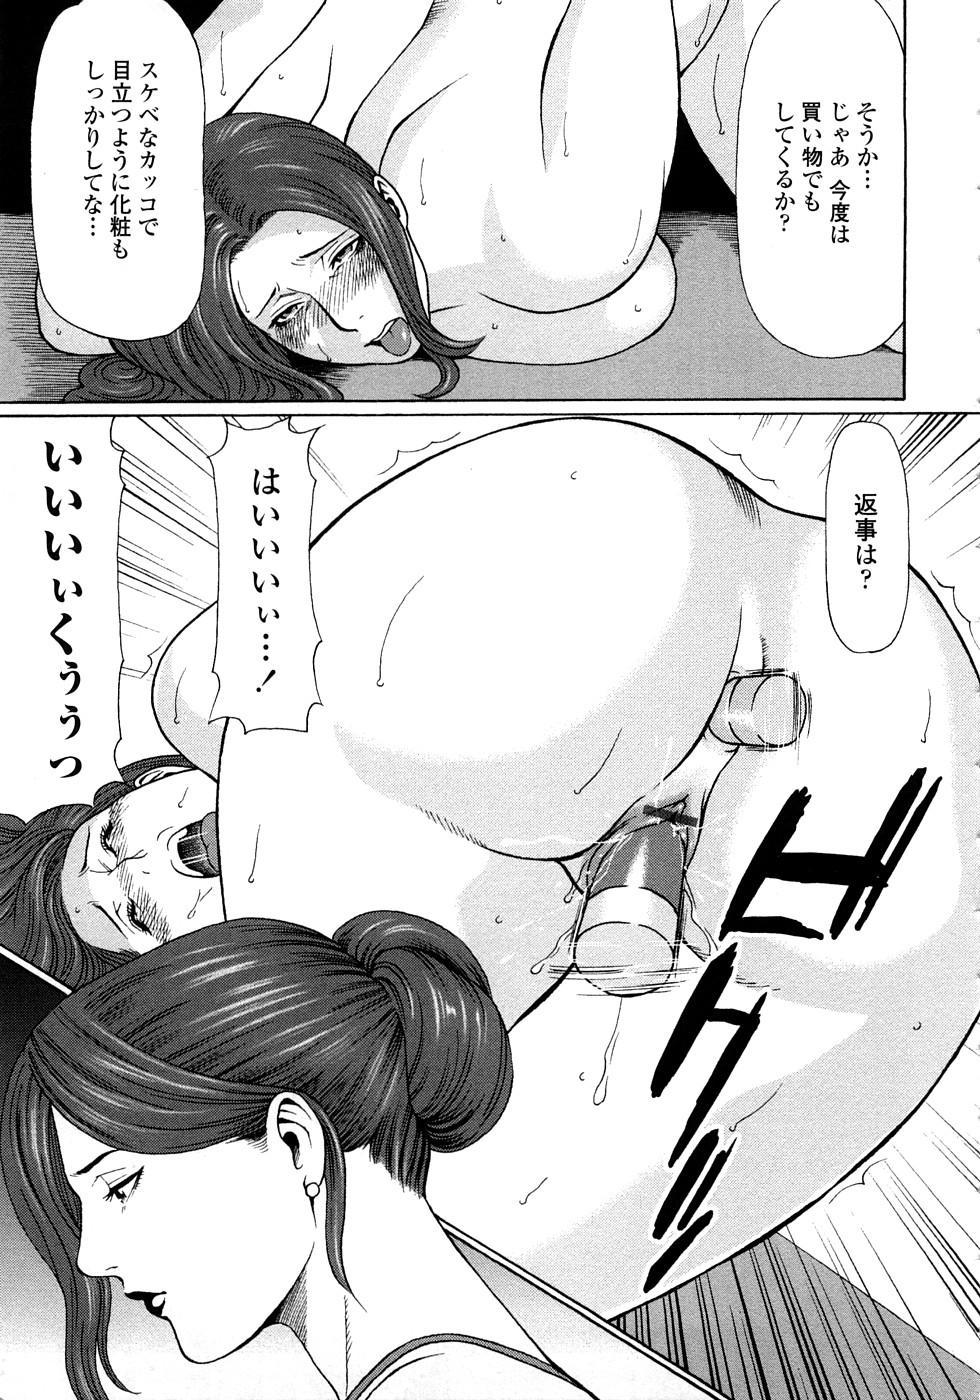 Etsuraku no Tobira - The Door of Sexual Pleasure 137